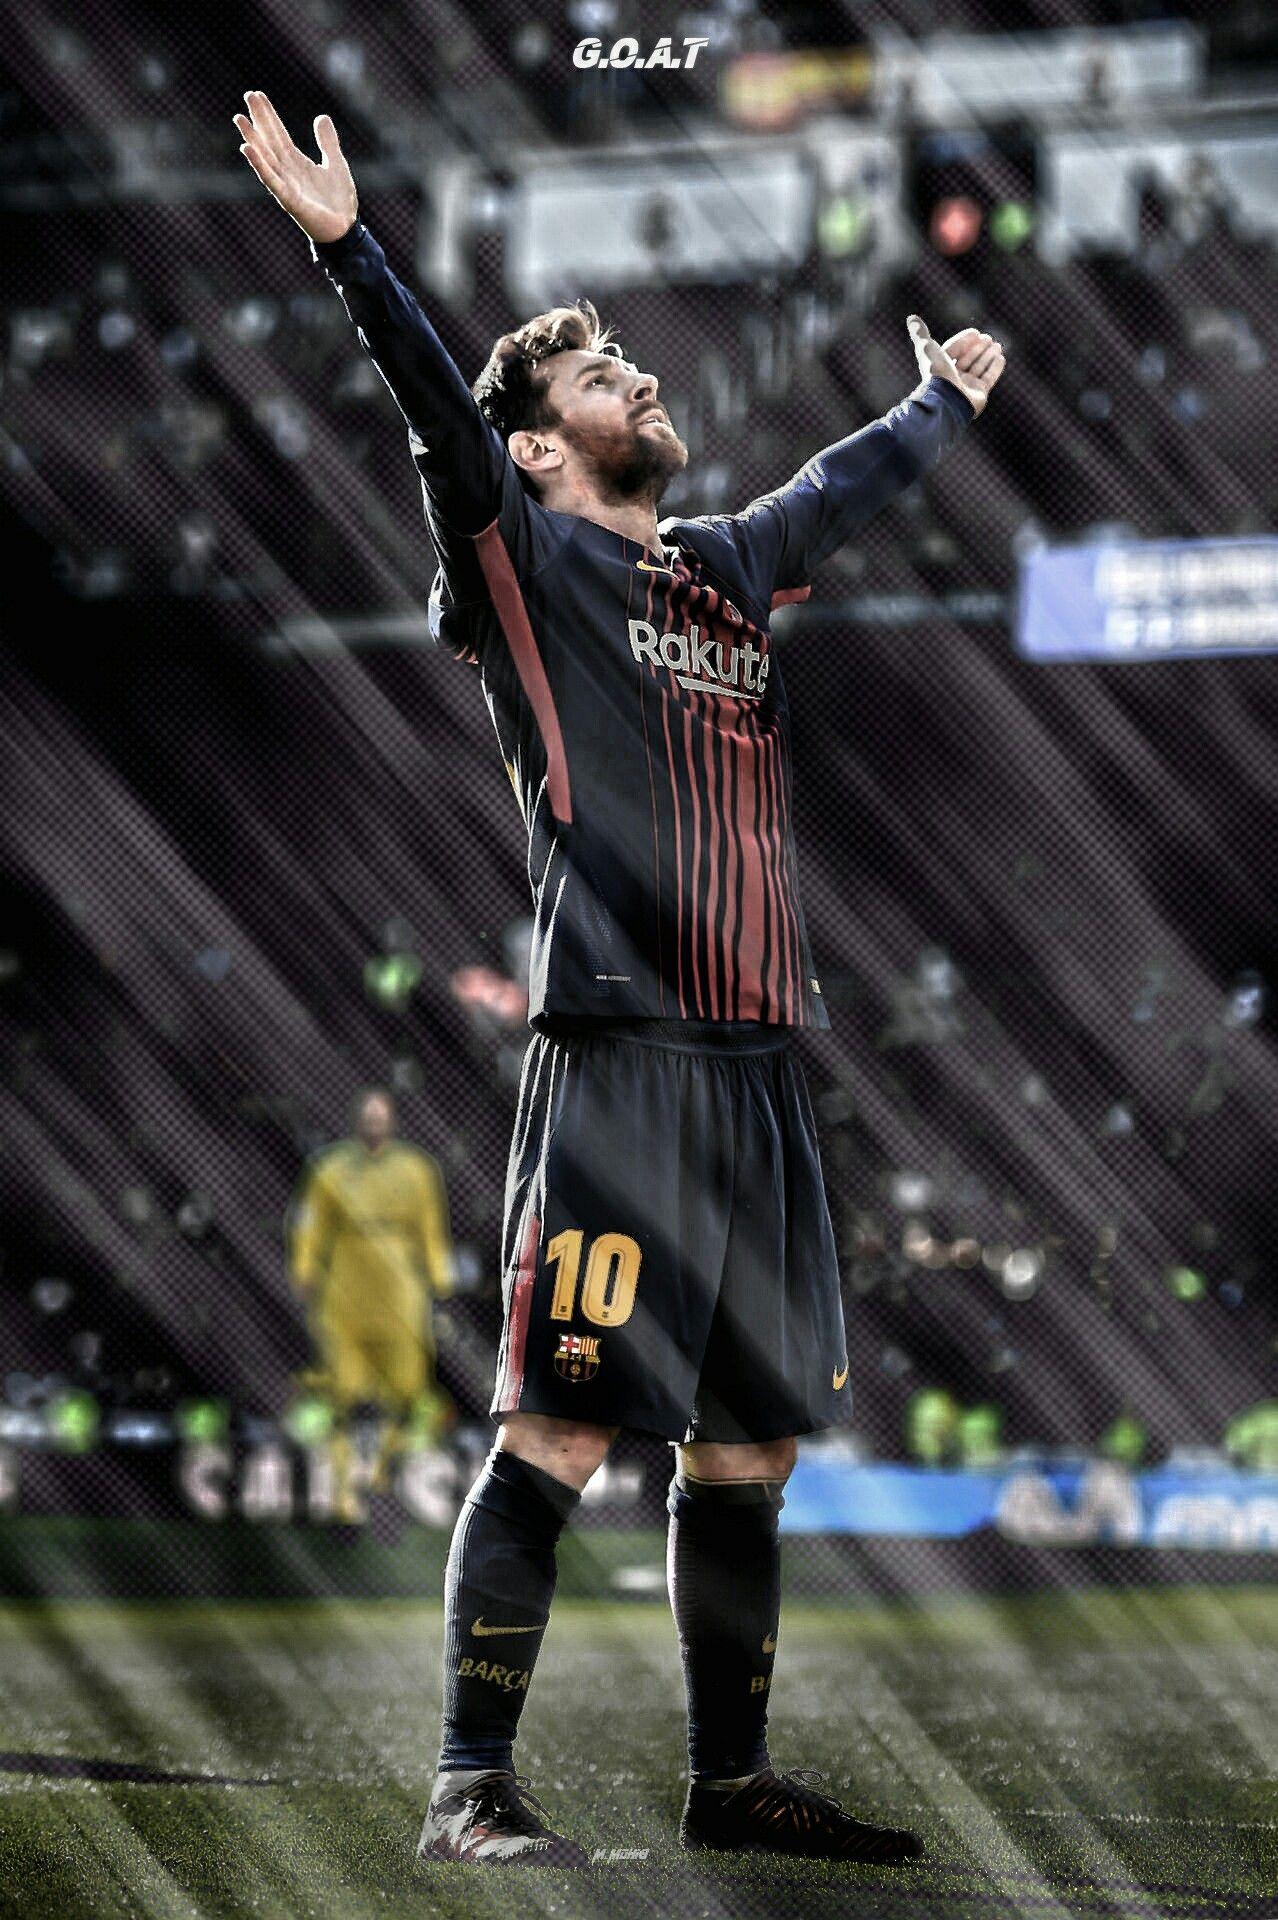 Lionel Messi Goat